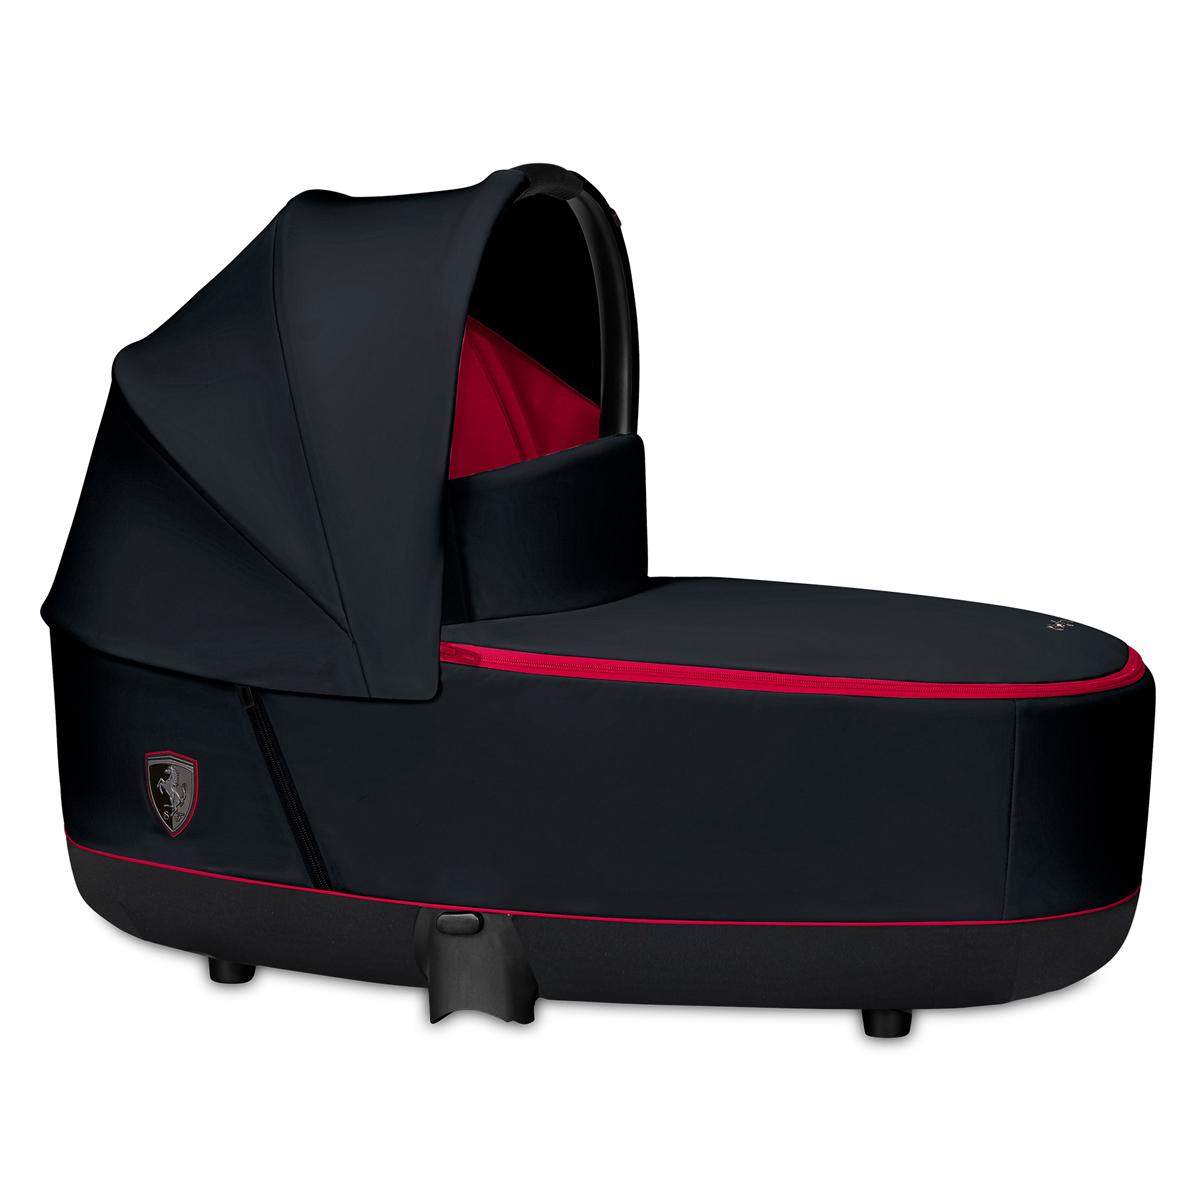 Nacelle Nacelle de Luxe Priam Scuderia Ferrari - Victory Black Nacelle de Luxe Priam Scuderia Ferrari - Victory Black